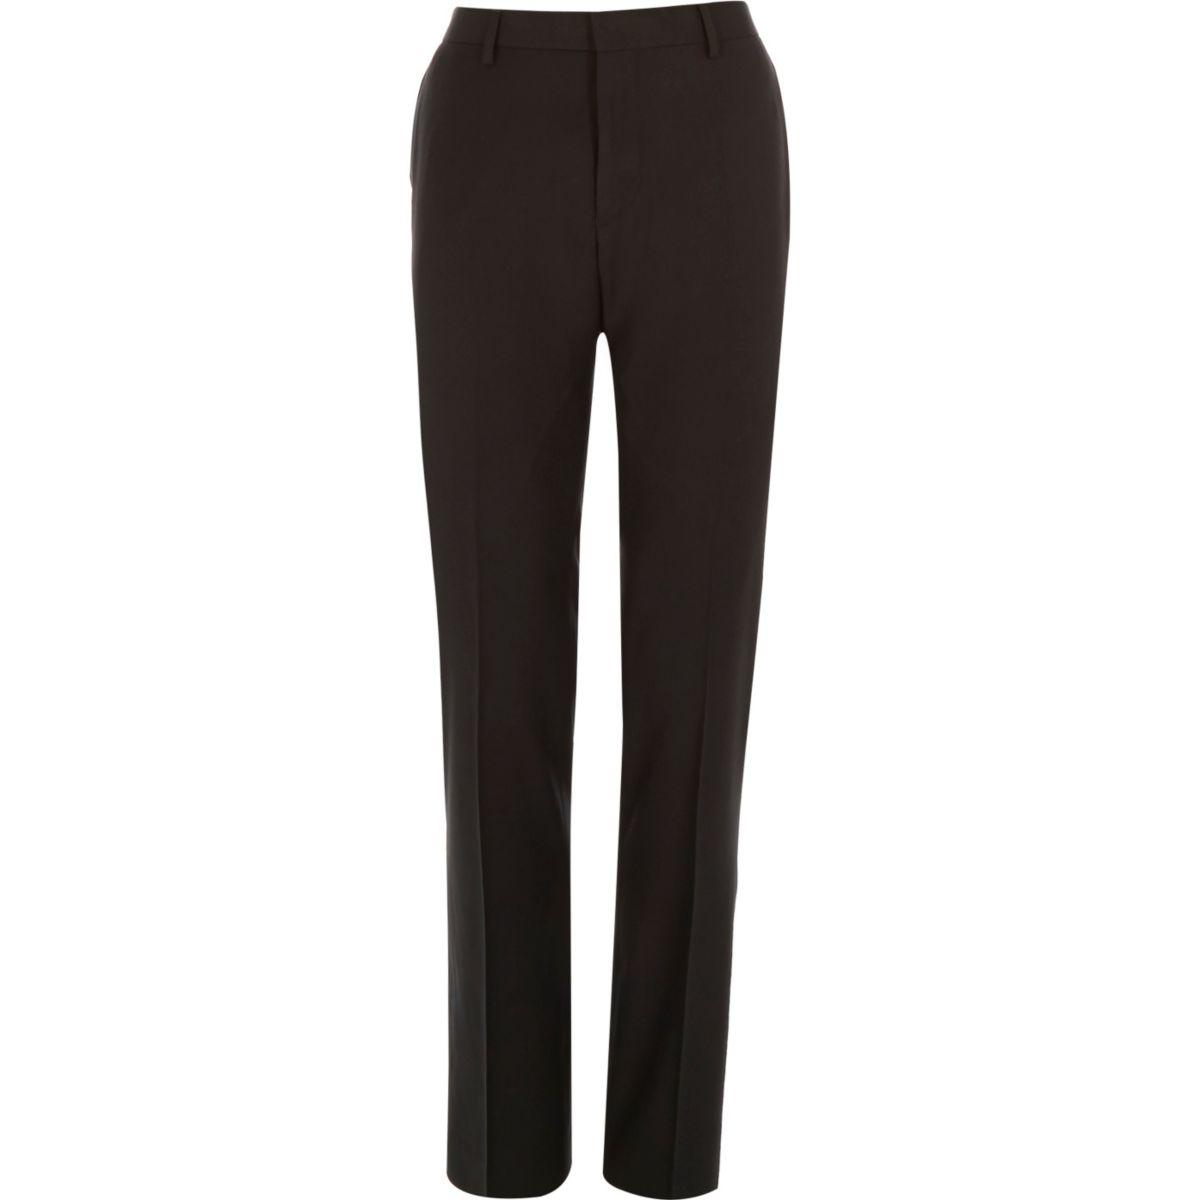 Darkest grey slim suit pants